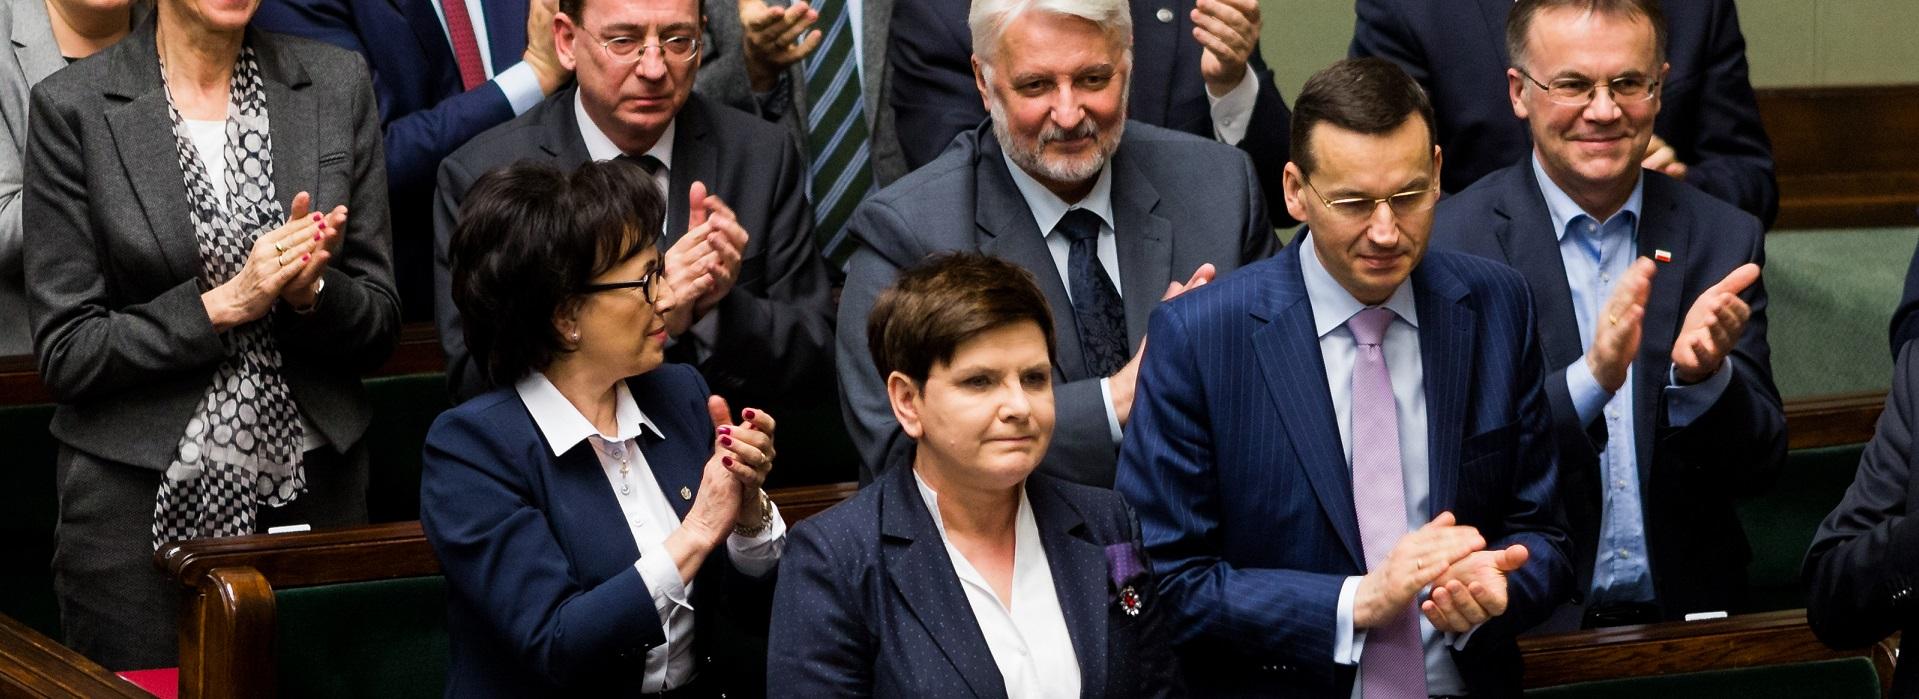 """Platforma Obywatelska skierowała do NIK-u wniosek o """"kontrolę systemu wynagradzania ministrów i wiceministrów w rządzie Beaty Szydło"""""""